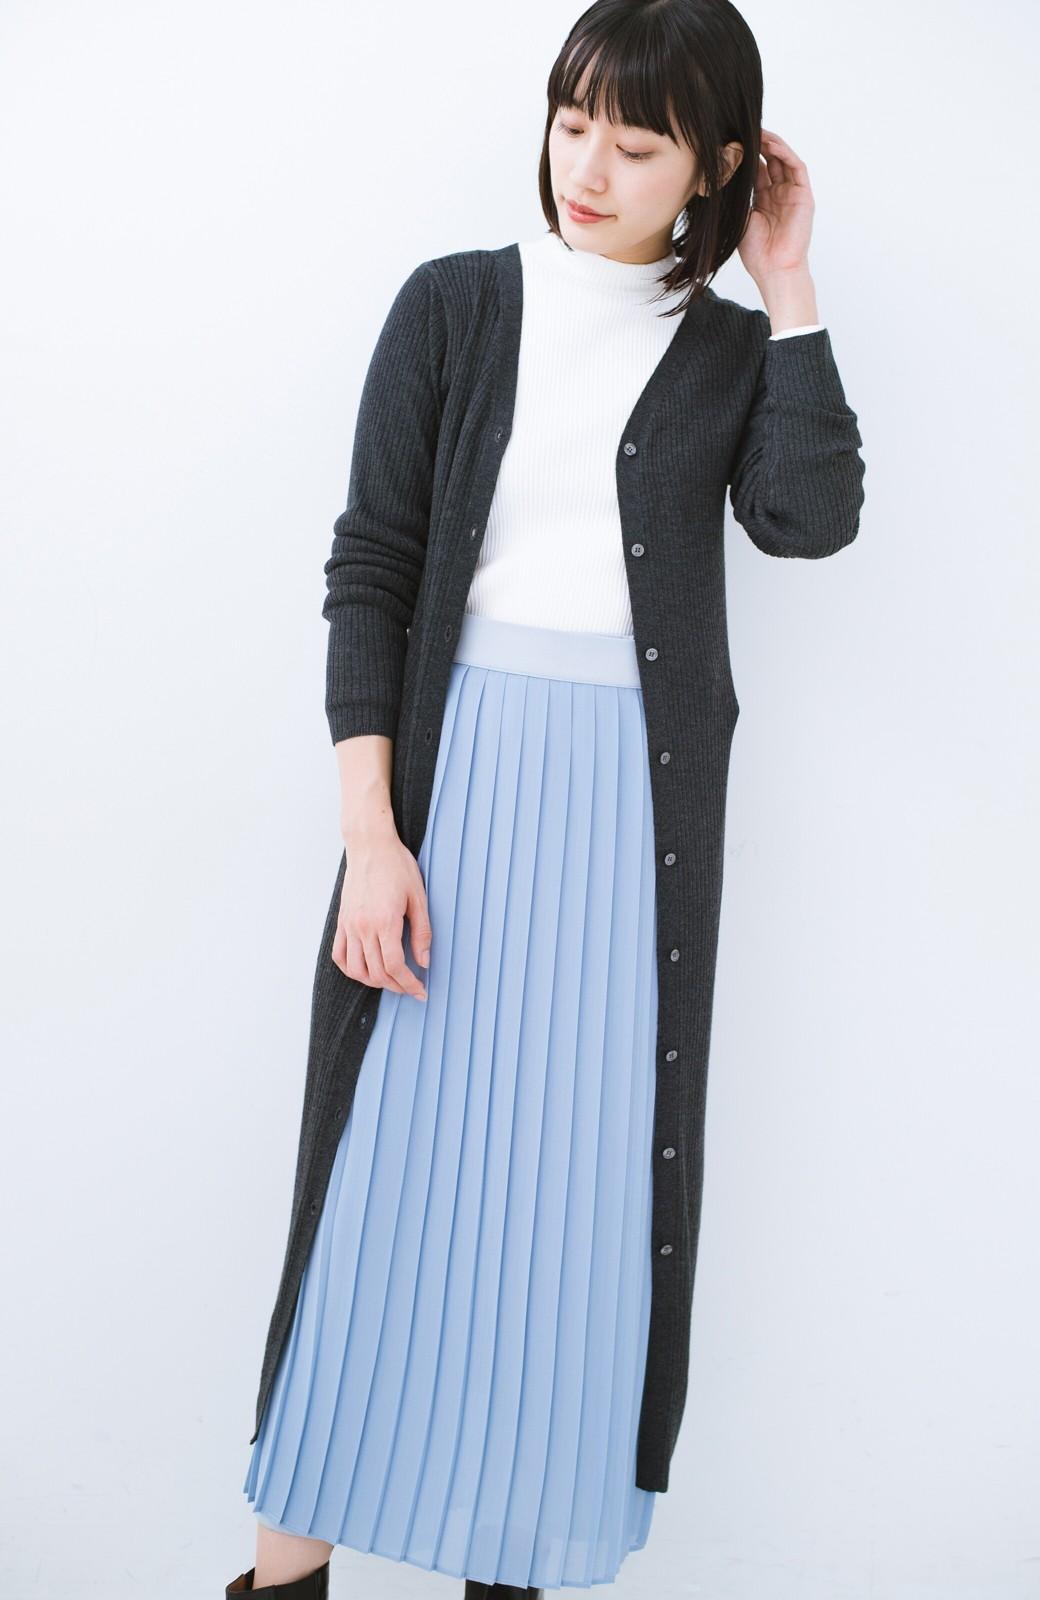 haco! 美シルエットがうれしい着方自由のオトナリブニットカーディガン by MAKORI <チャコールグレー>の商品写真1